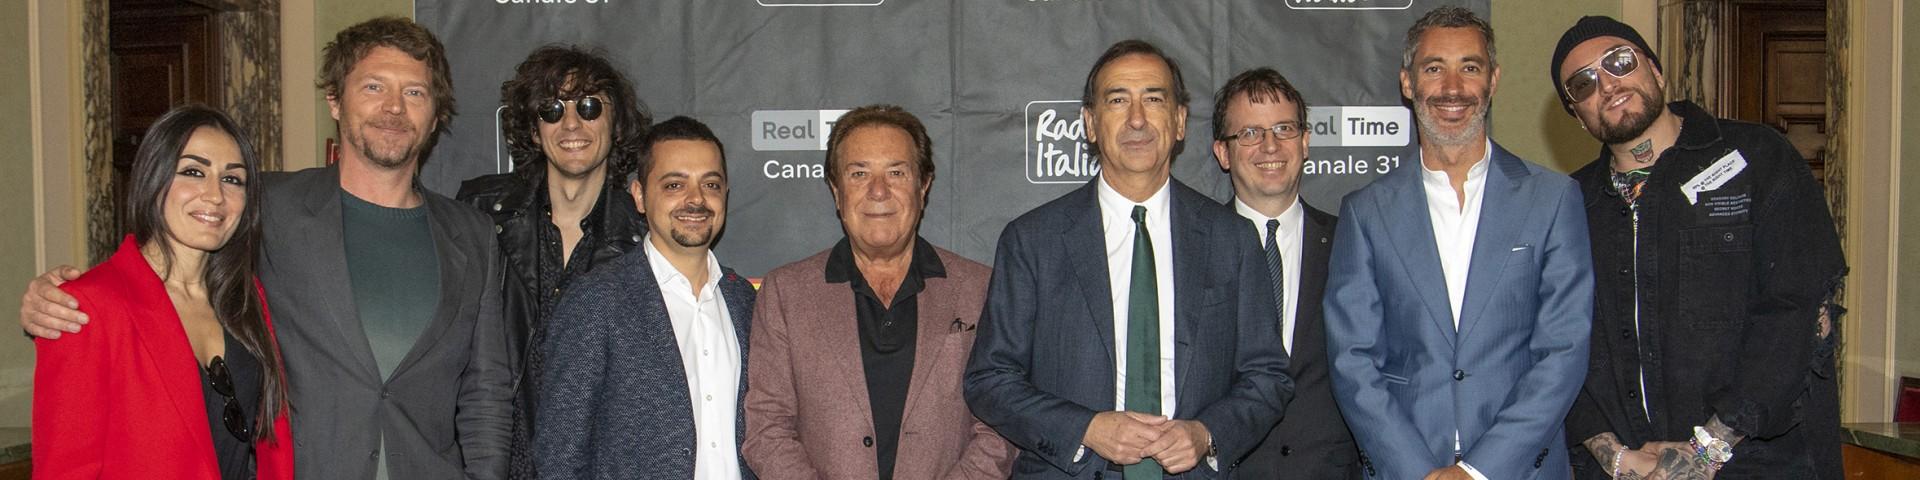 Radio Italia Live - Il Concerto: i cantanti che saranno a Milano